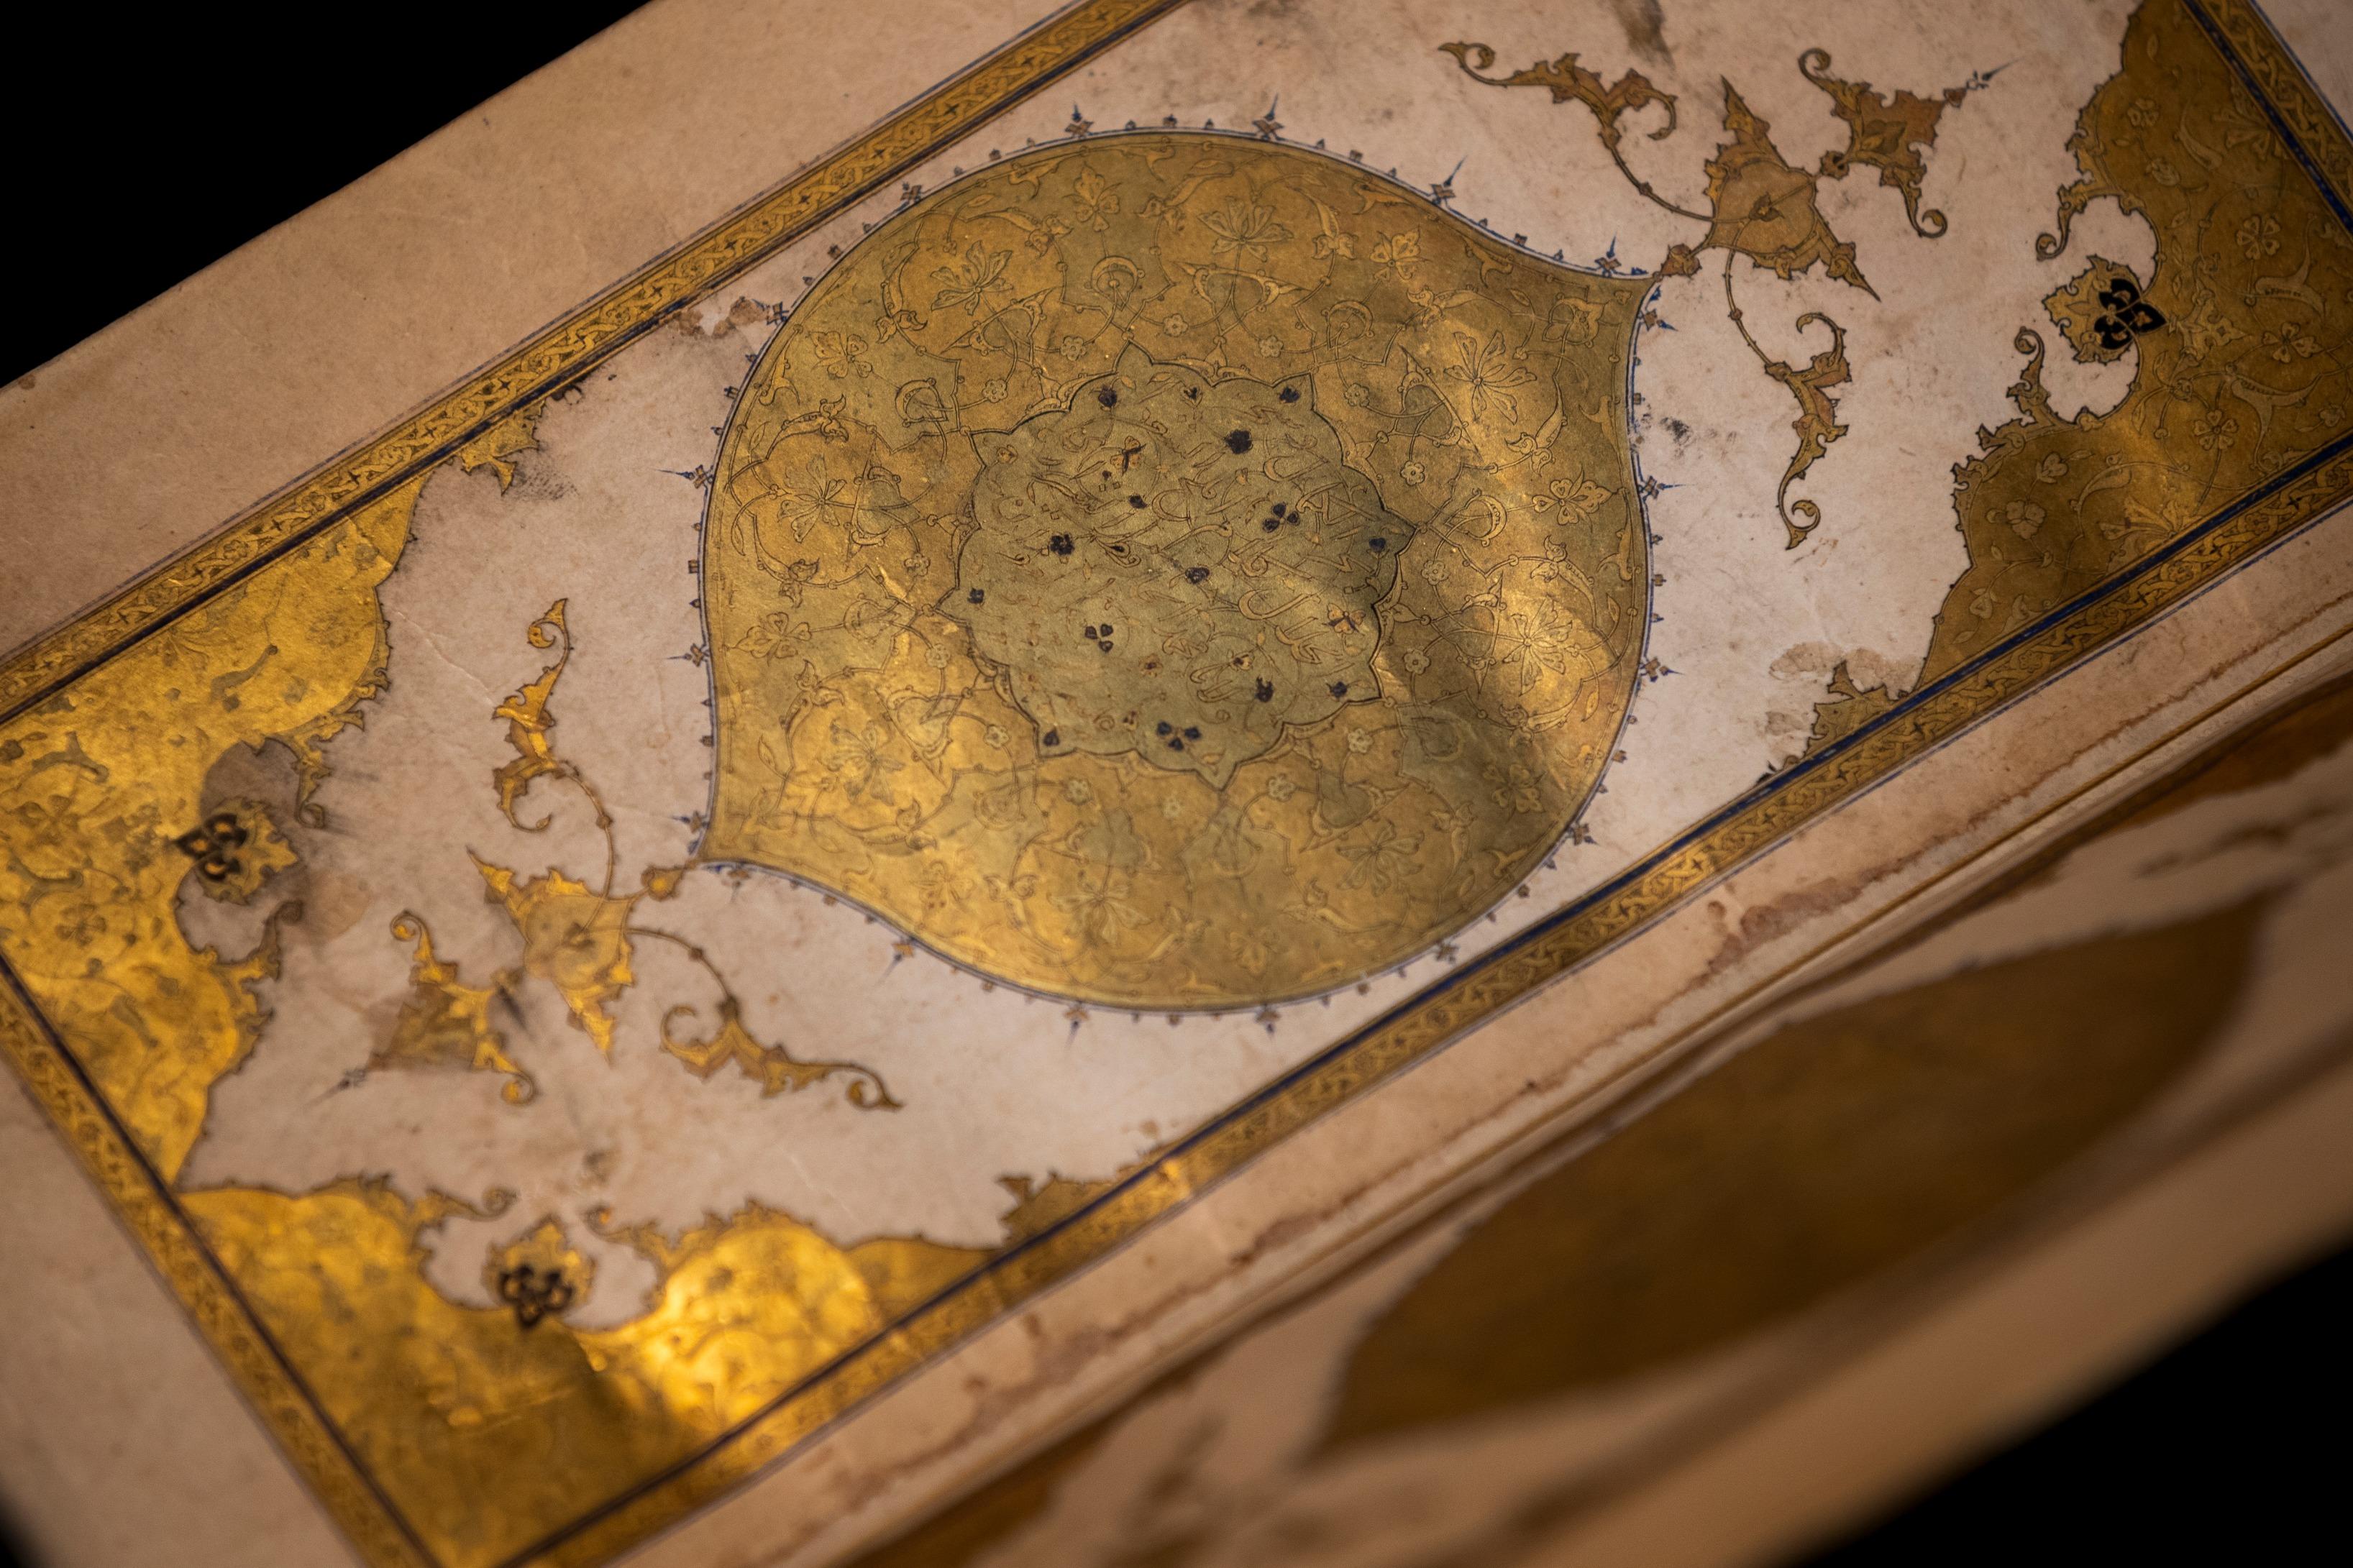 Nederlandse detective vindt eeuwenoud boek terug